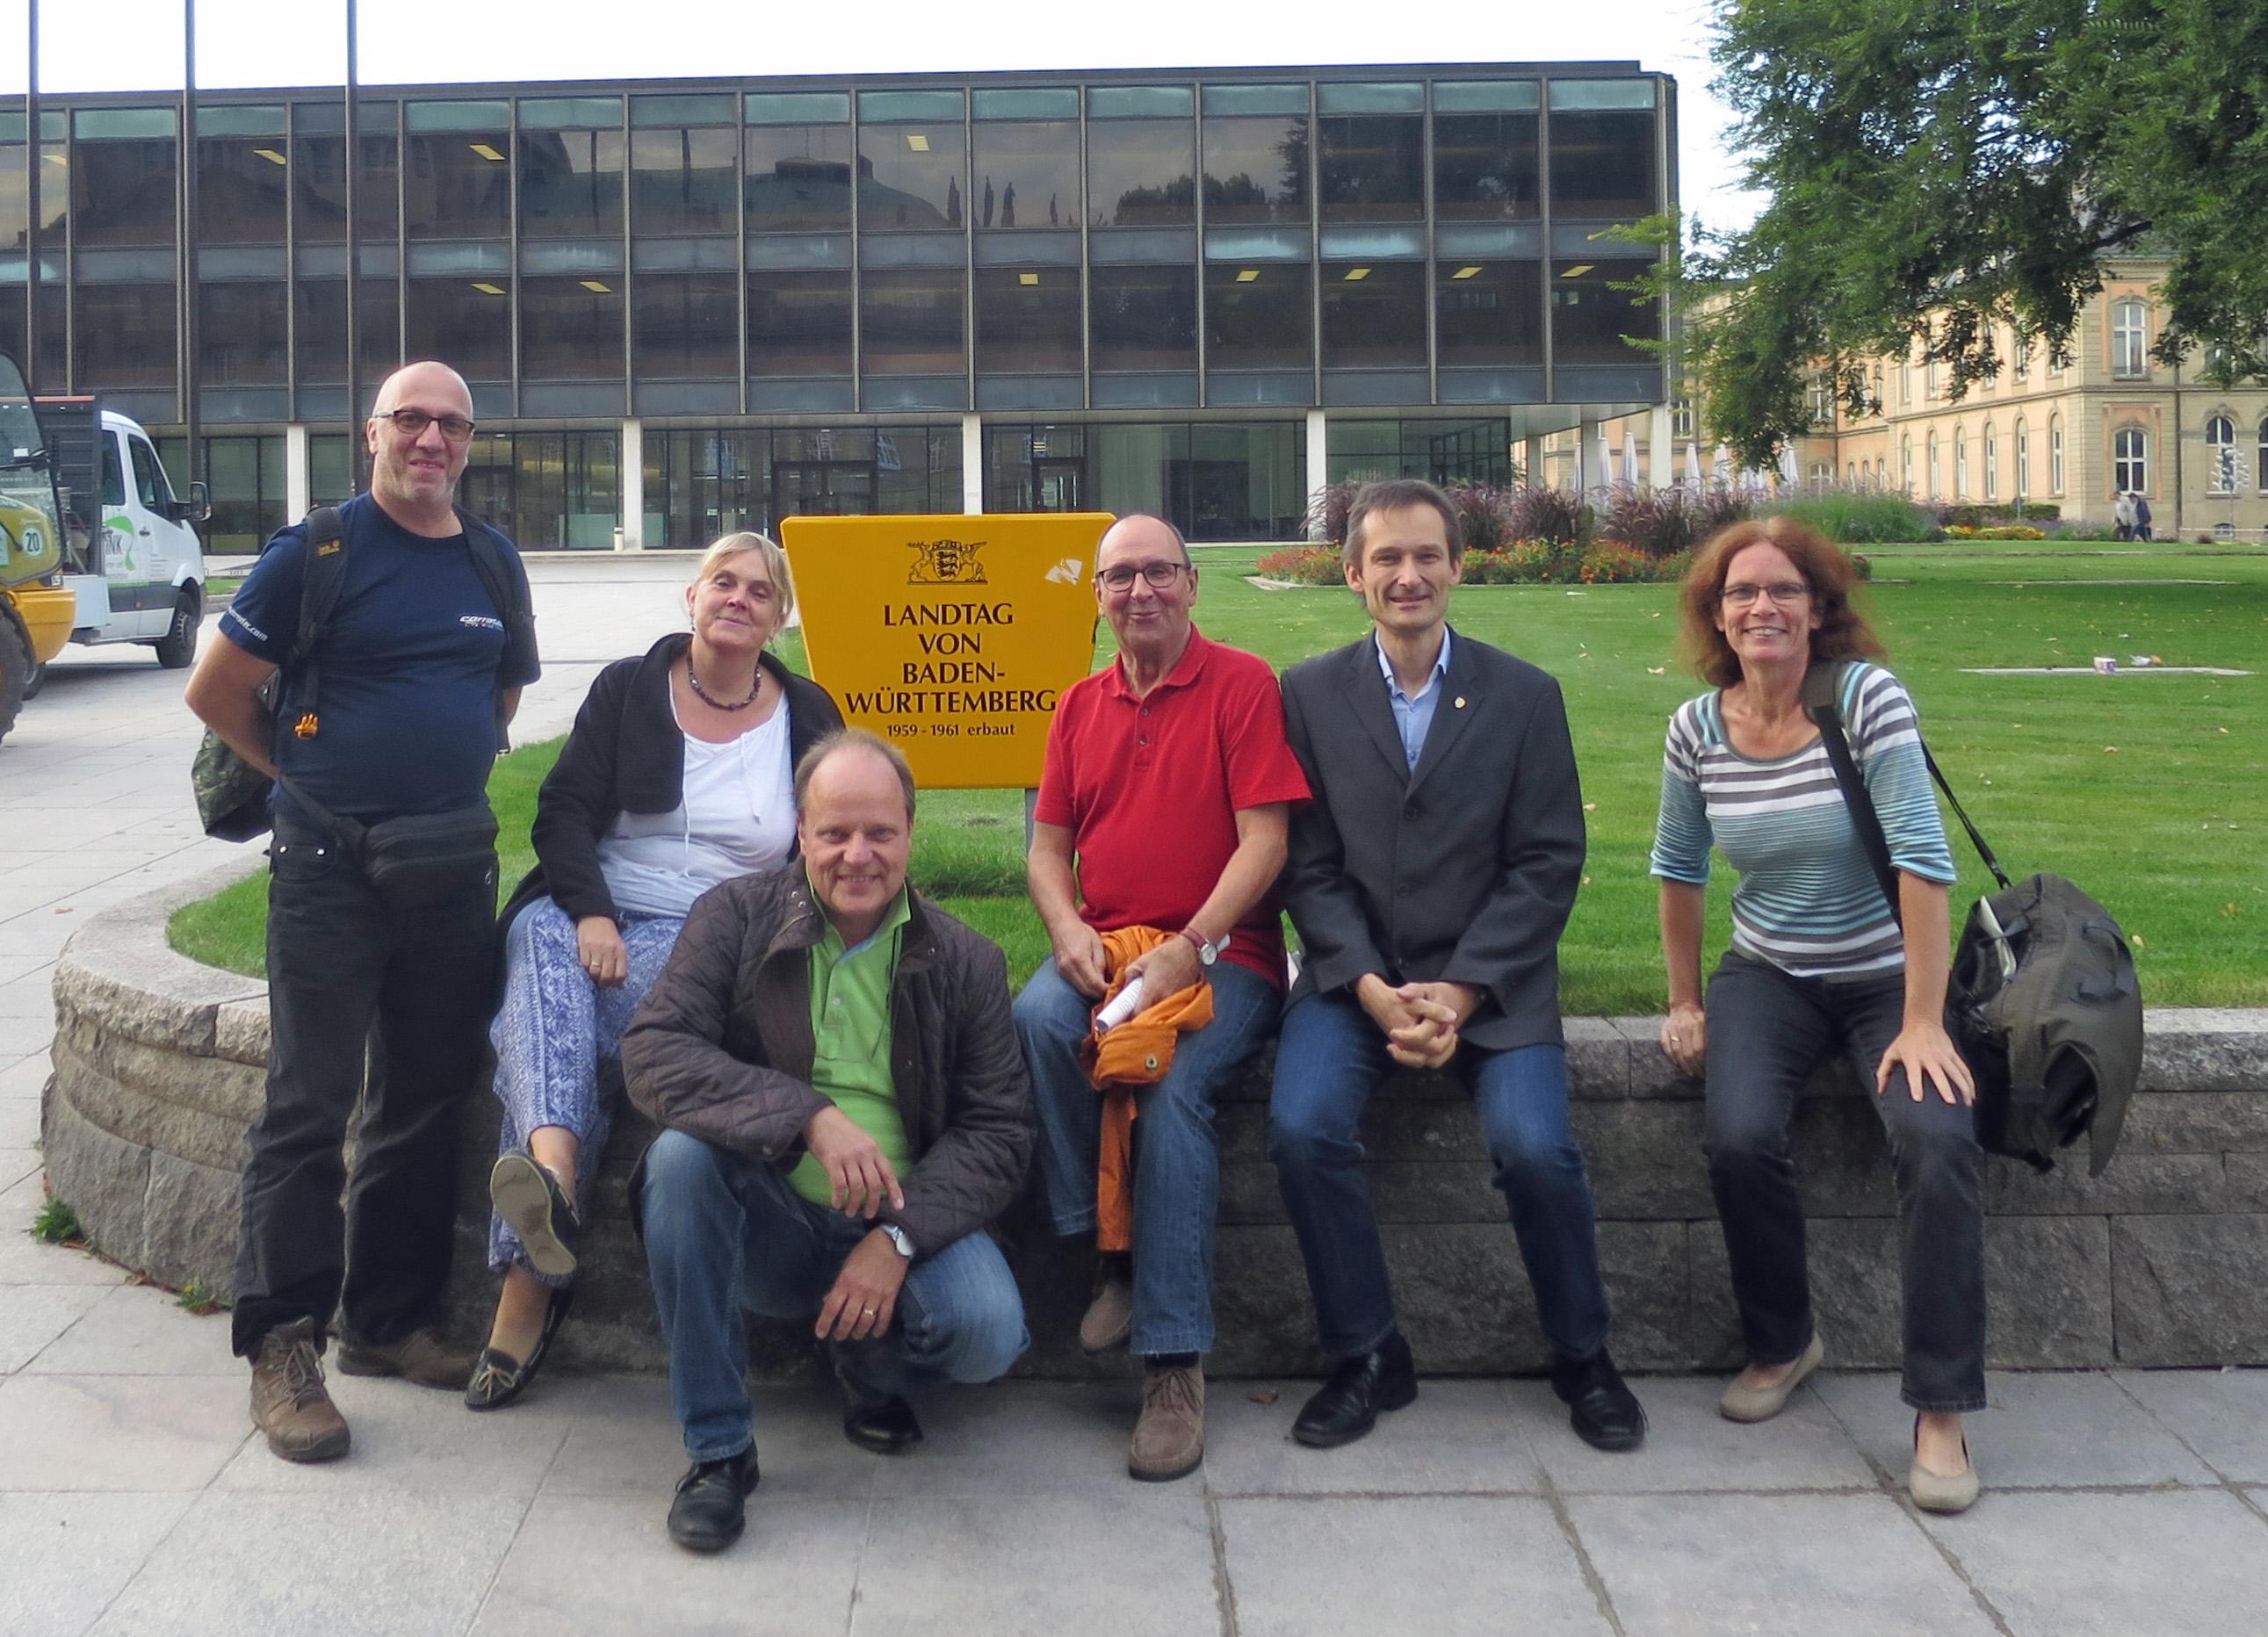 Noch ein Foto vor dem Landtag.